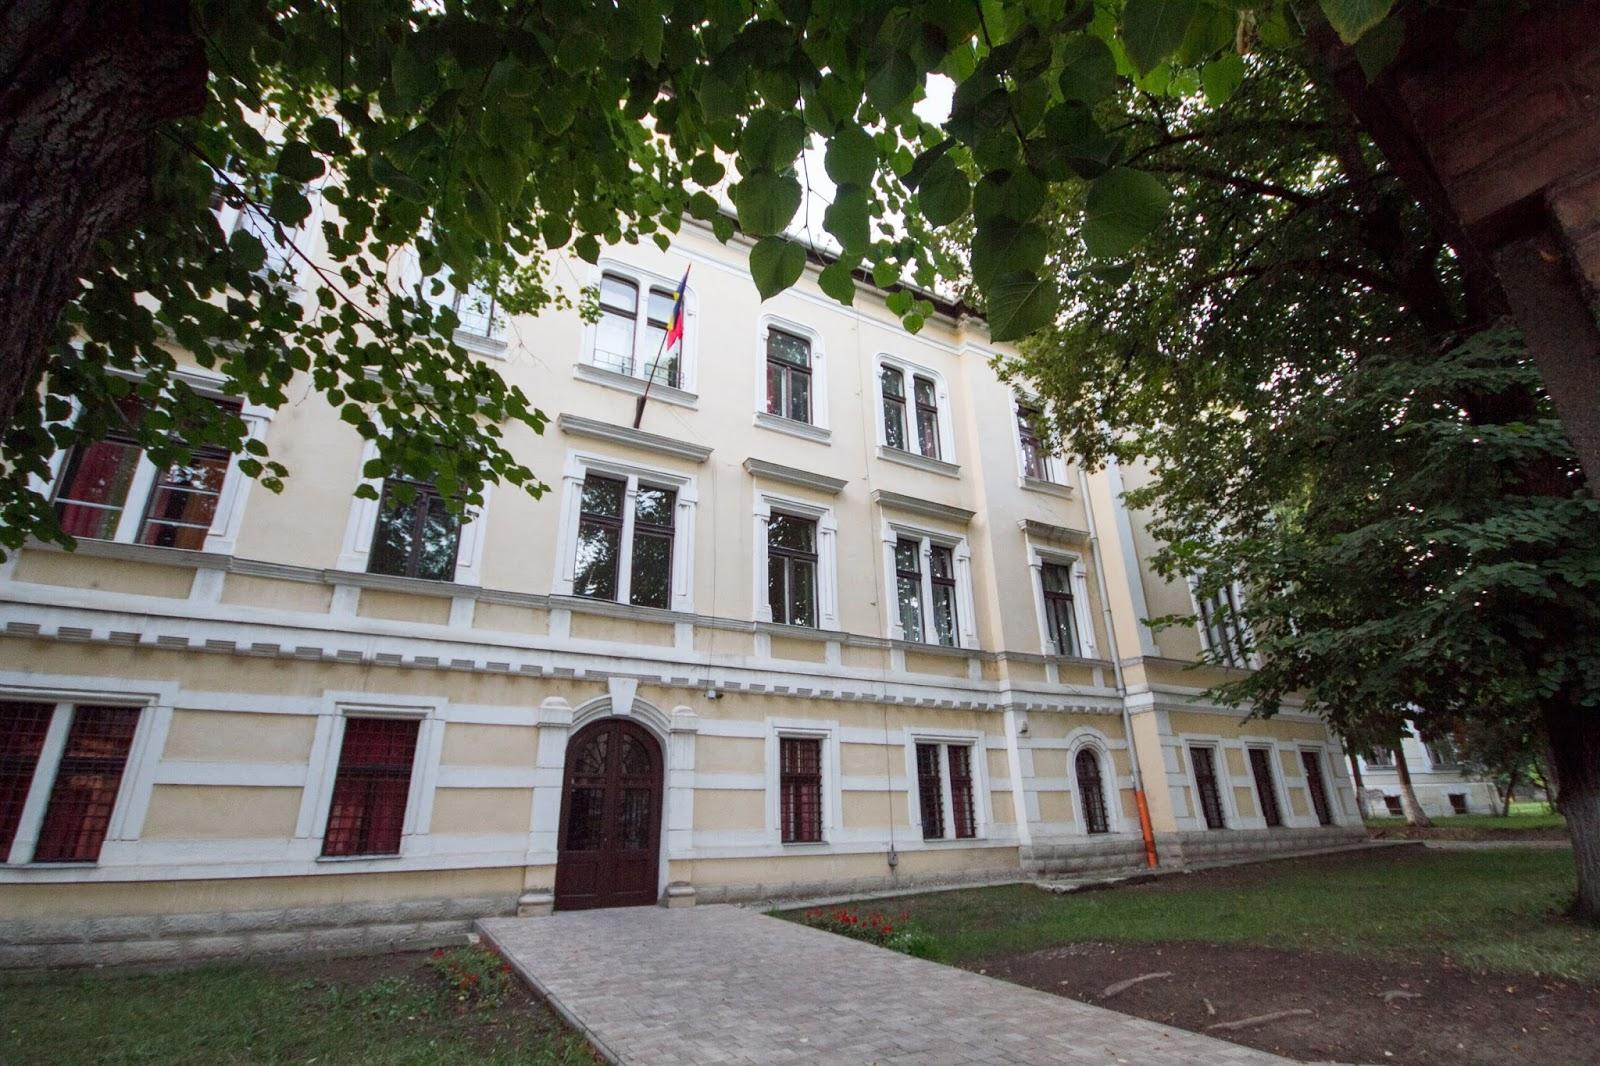 A román oktatási miniszter szerint egy másik iskola ernyője alá kerülnek a marosvásárhelyi katolikus gimnázium diákjai